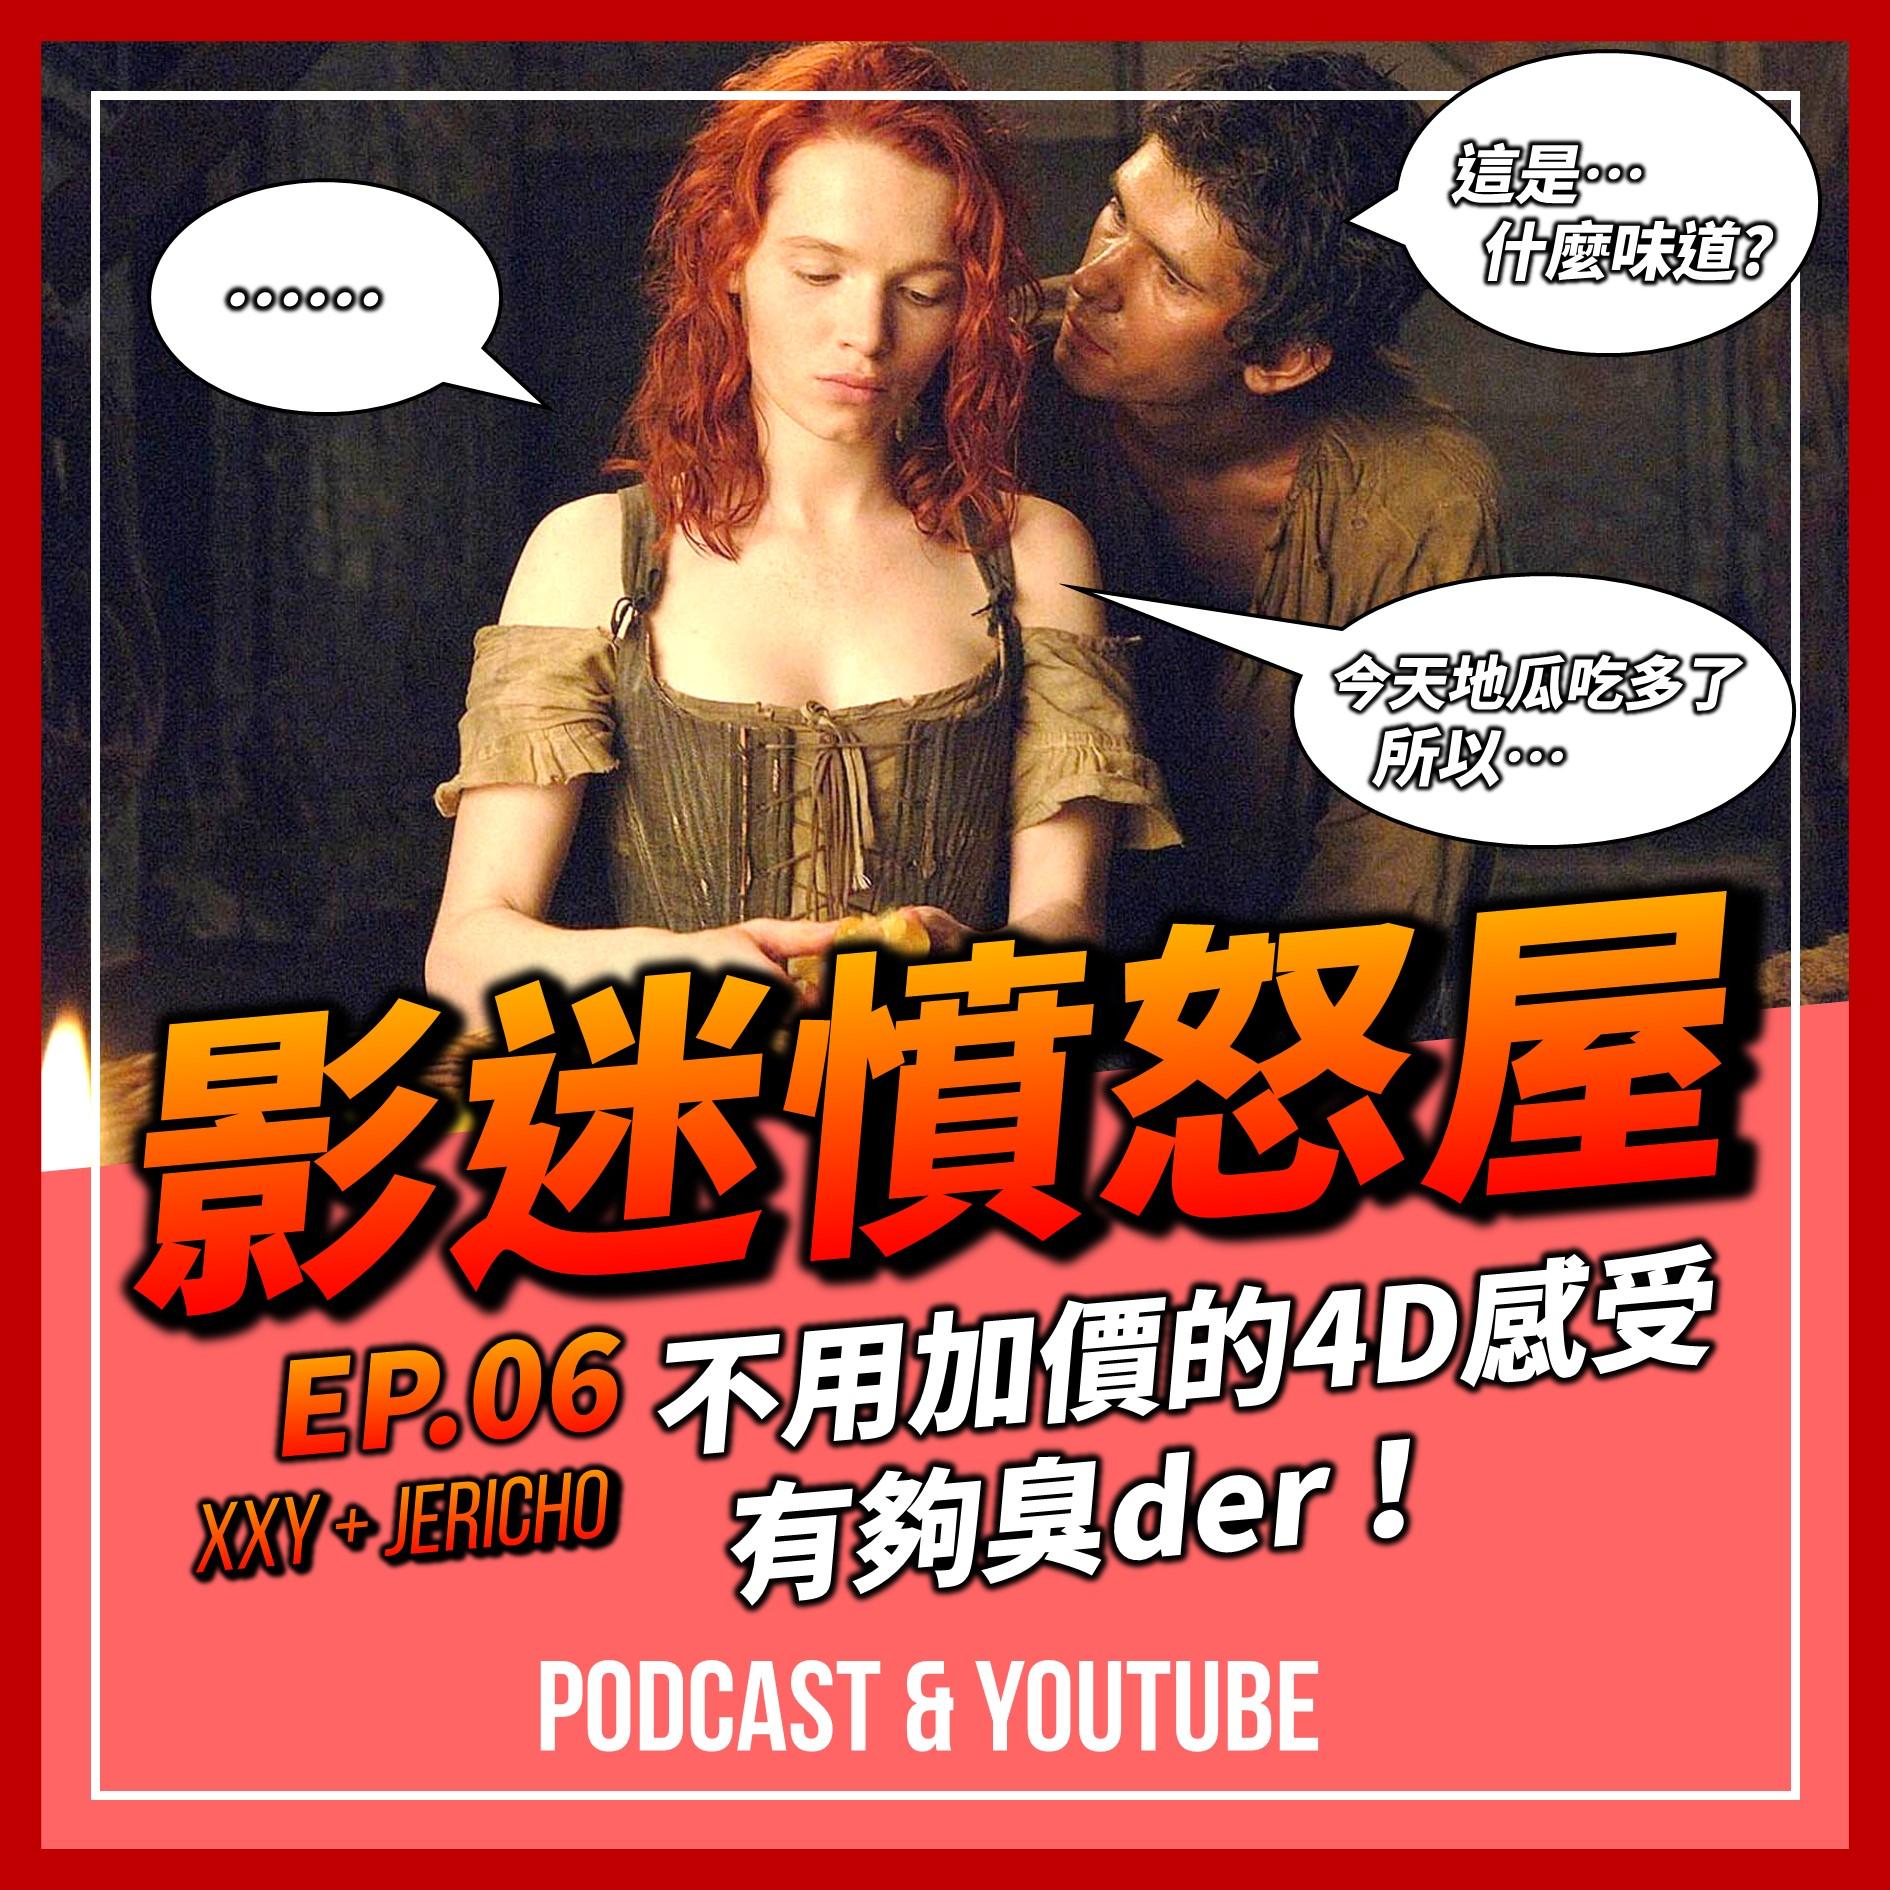 【影迷憤怒屋】不用加價的4D感受?!來聊聊那些在影廳內的臭臭夥伴 | EP.06 Movie MAD HOUSE | XXY + JERICHO